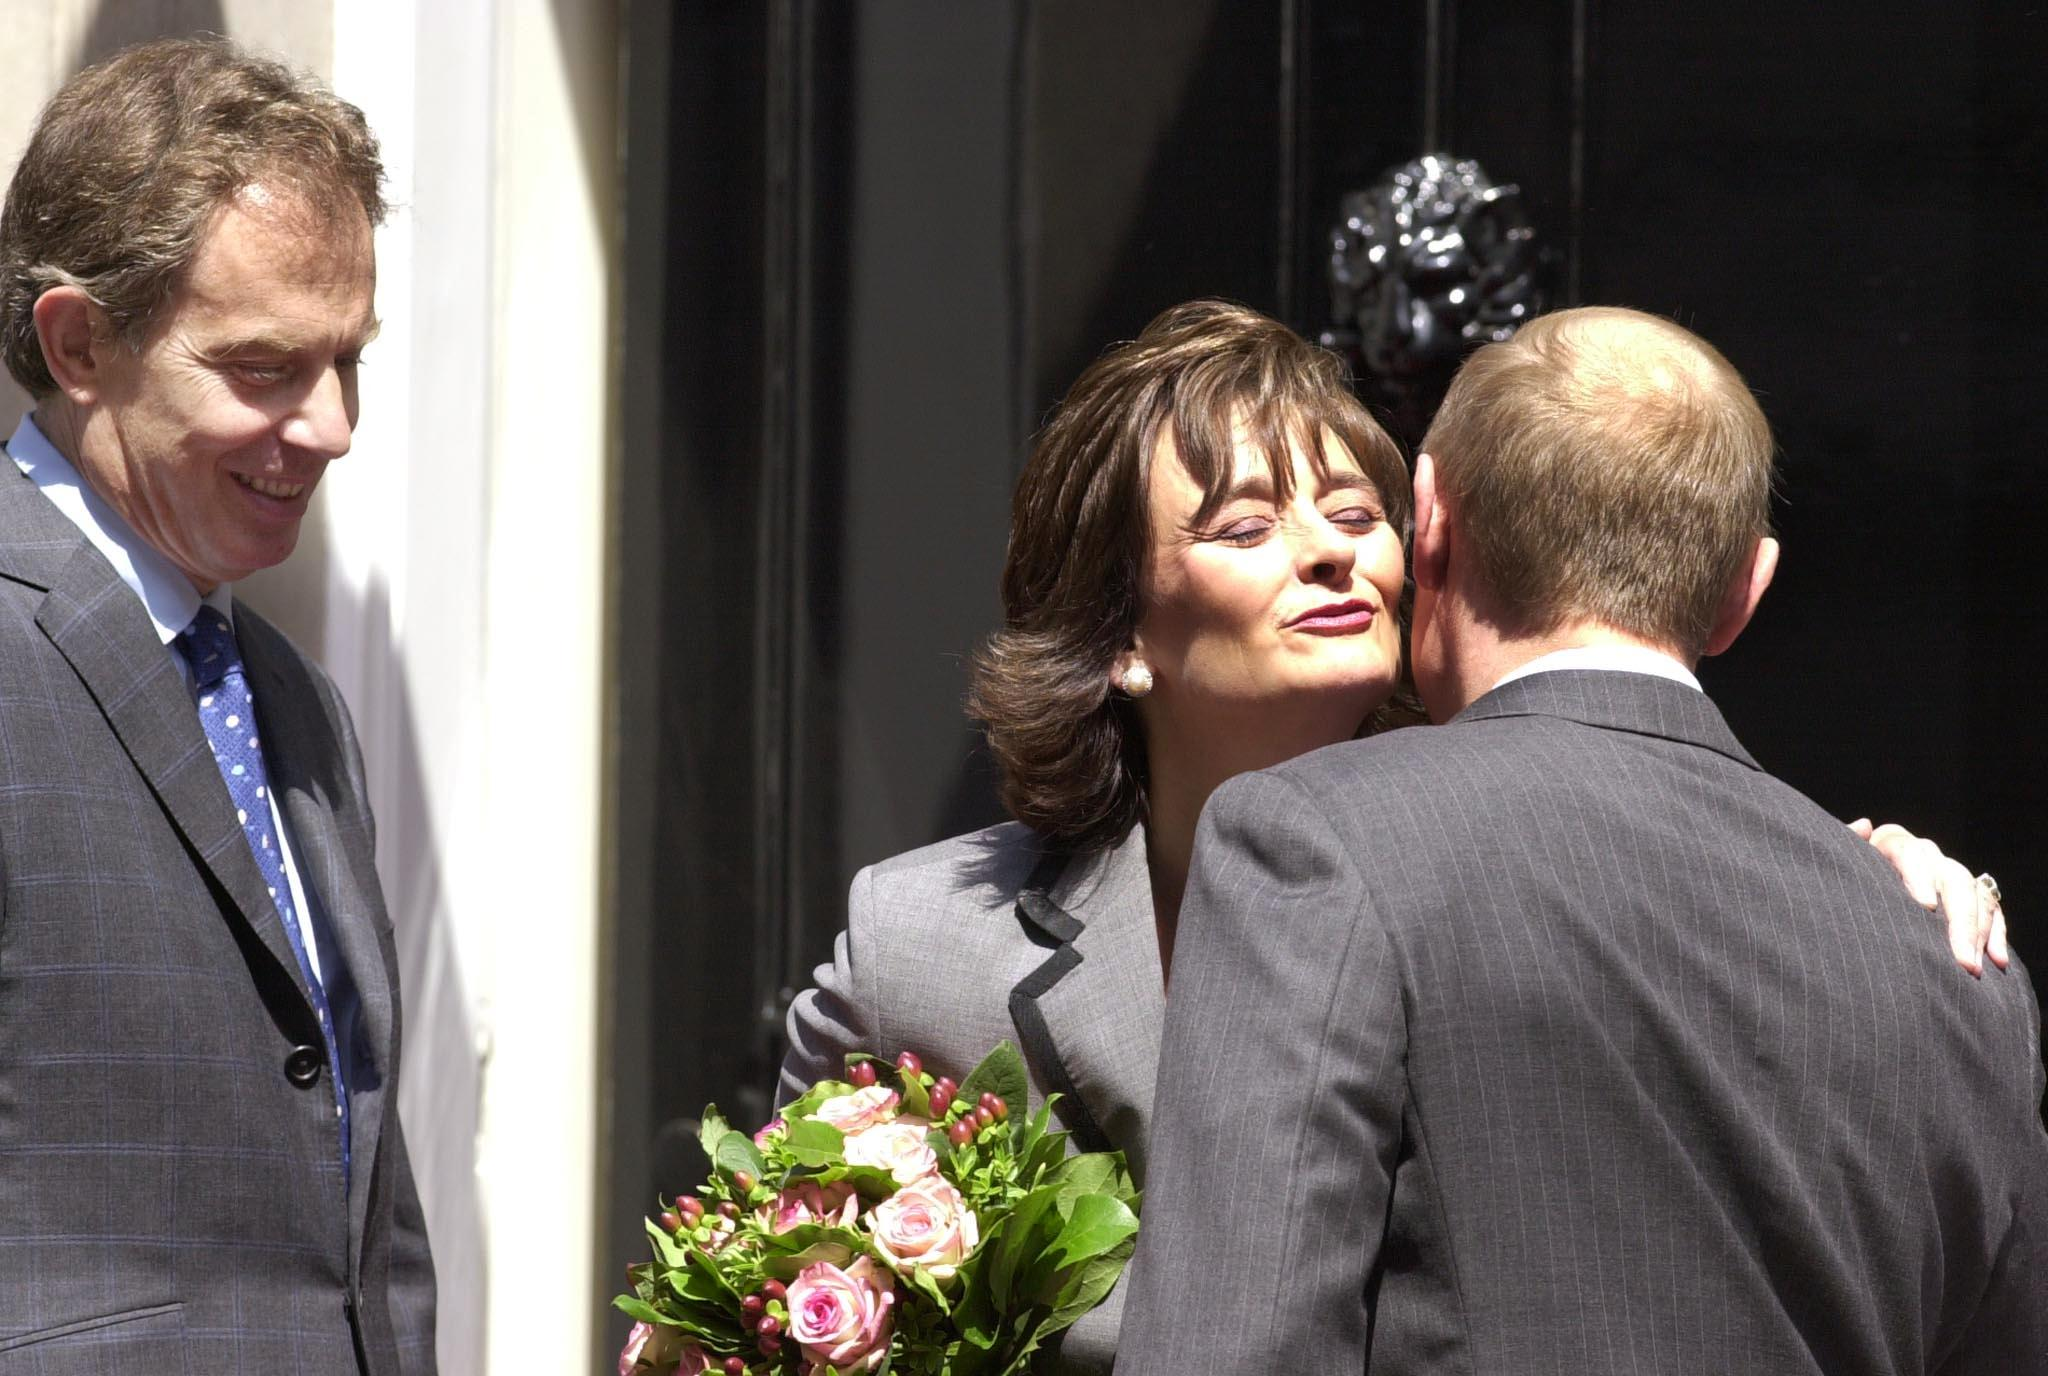 2003年6月イギリスのトニー・ブレア首相(当時)のシェリー・ブレア夫人が、プーチン大統領から花束を贈られ、お礼のキスをする。